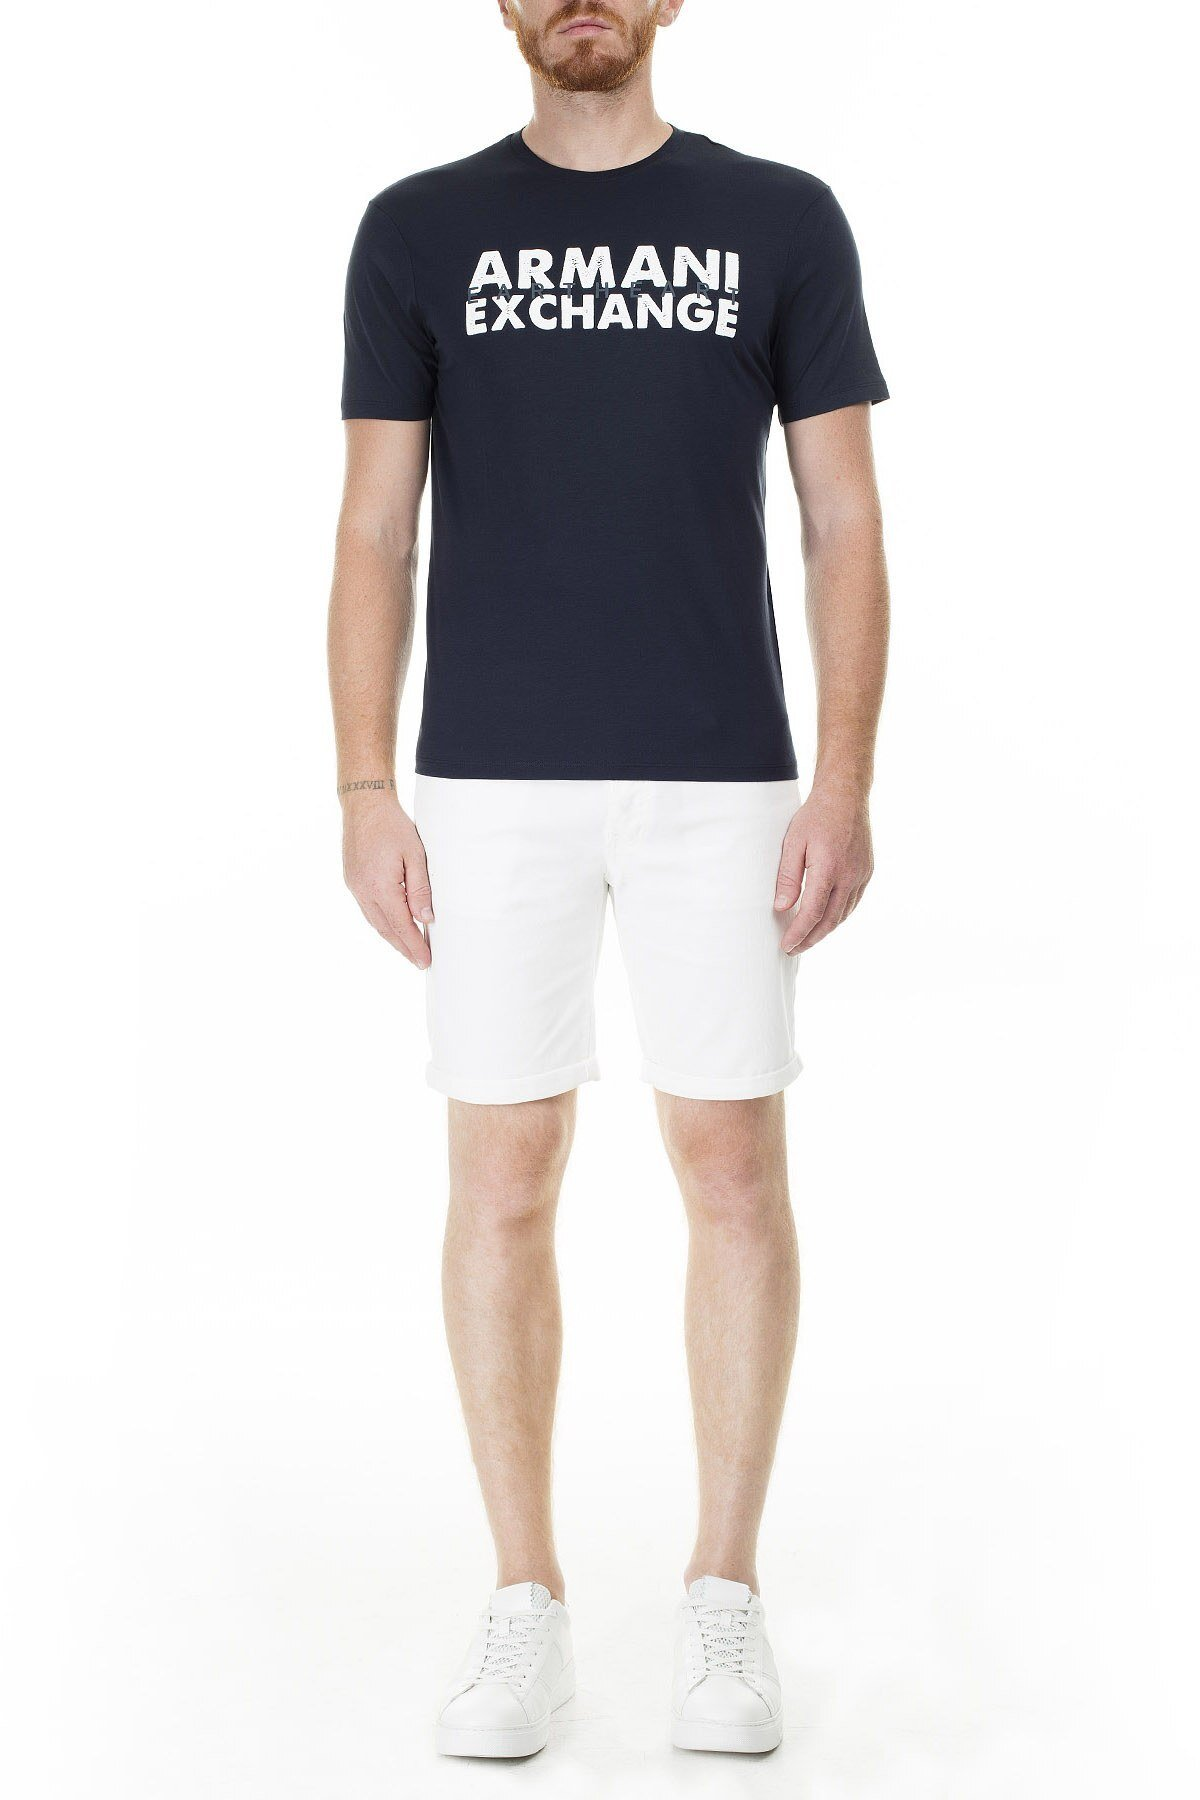 Armani Exchange Önü ve Arkası Baskılı Bisiklet Yaka Erkek T Shirt 3HZTAU ZJA5Z 1510 LACİVERT